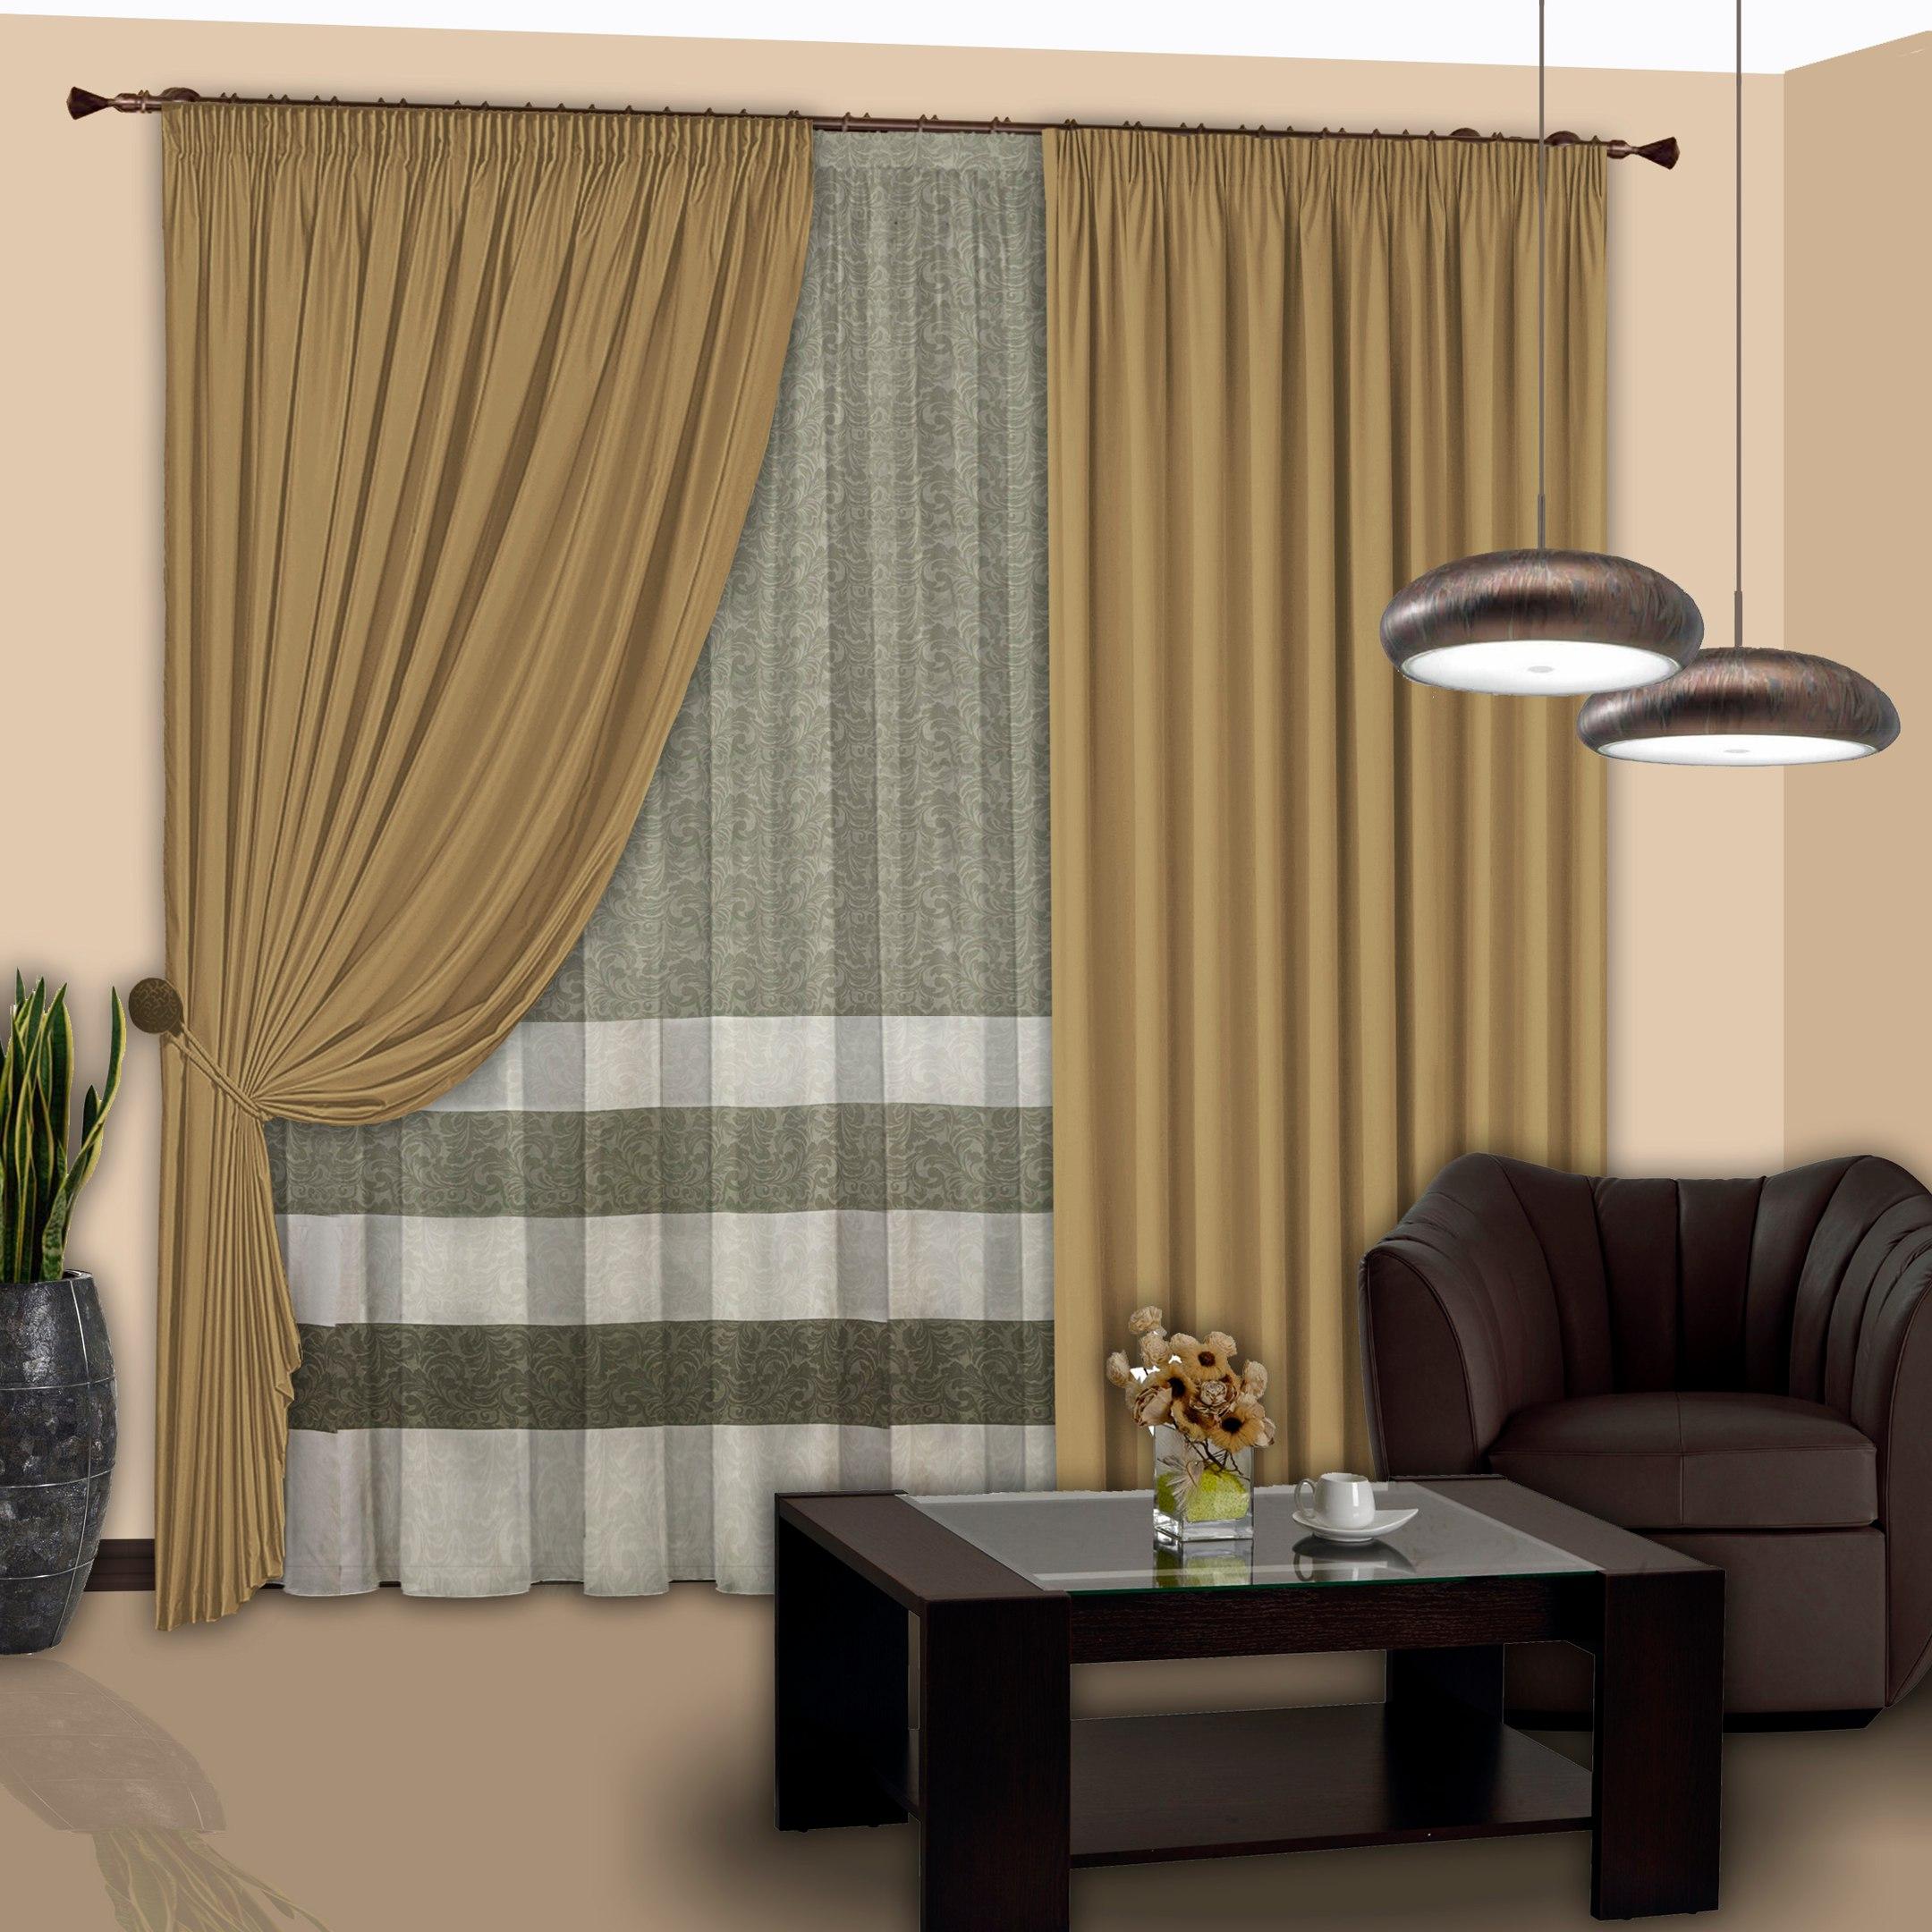 Шторы РеалТекс Классические шторы Jenessa Цвет: Бежевый шторы tac классические шторы winx цвет персиковый 200x265 см